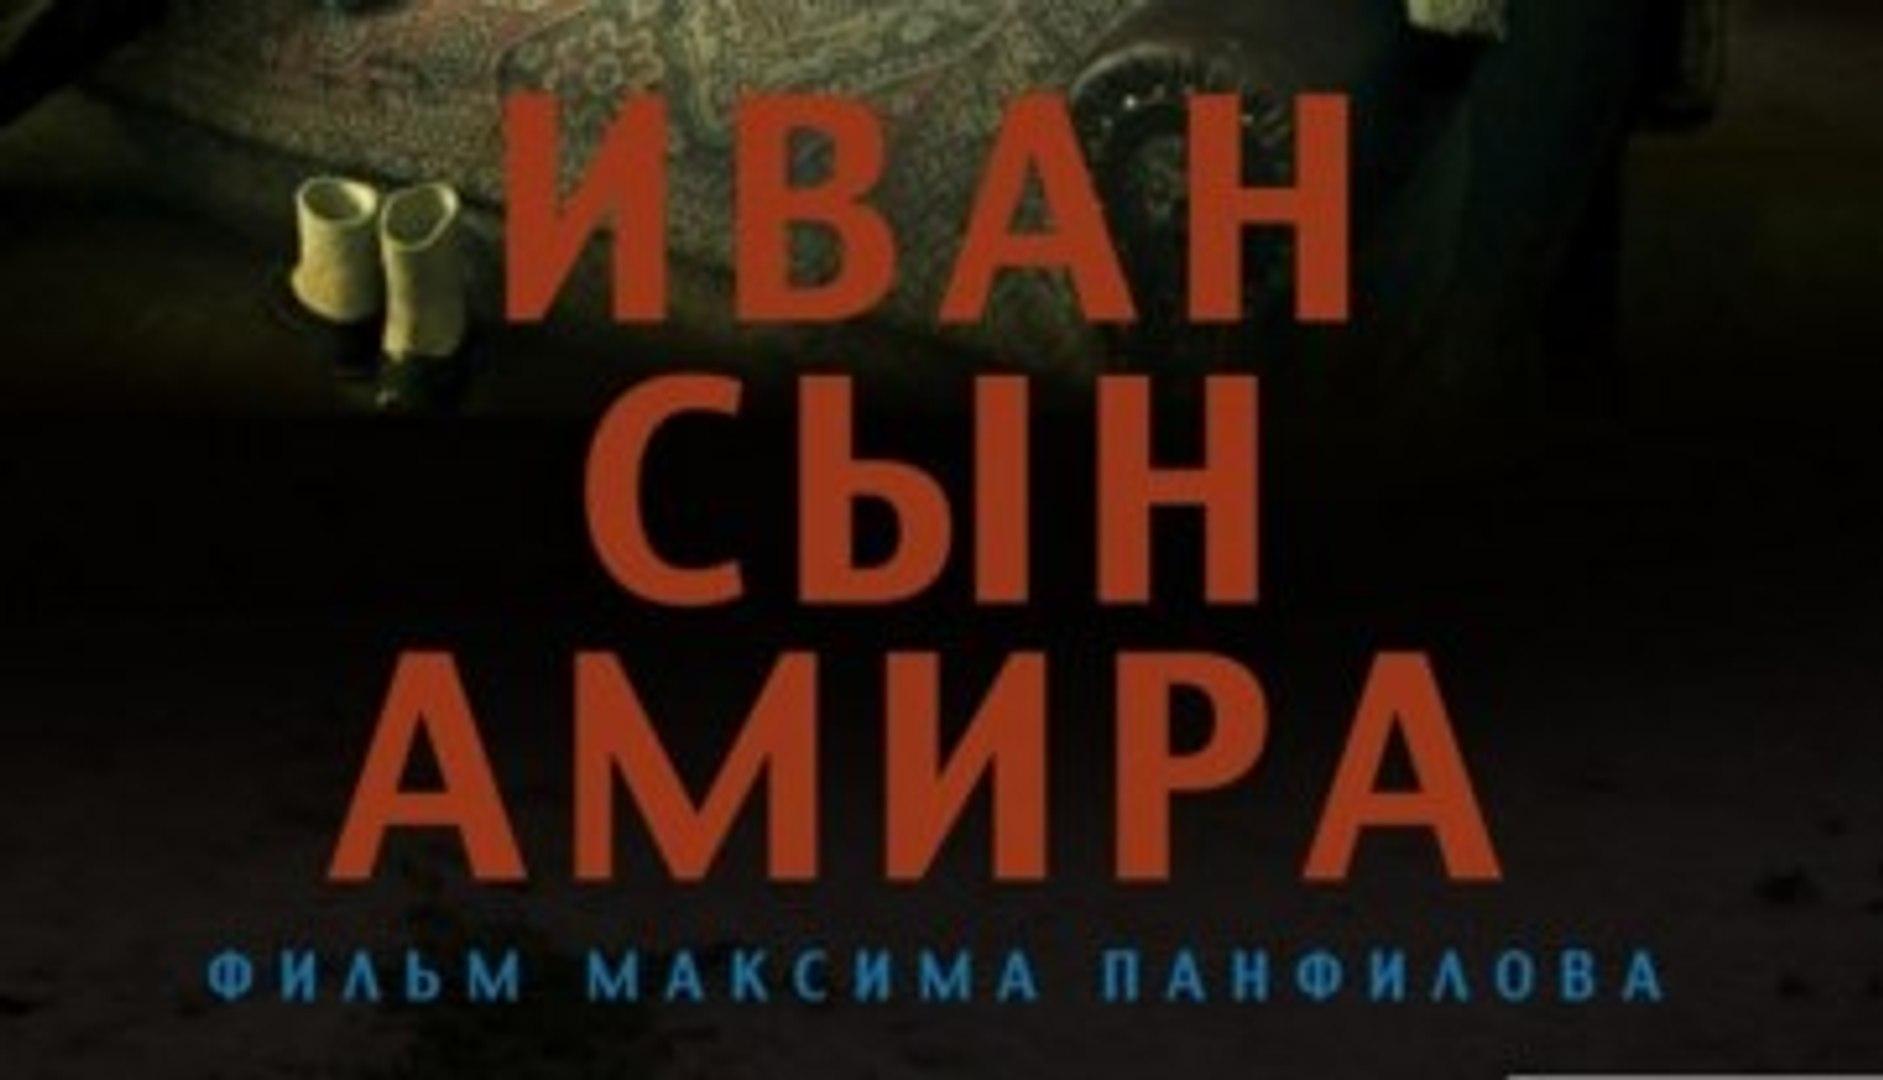 Фильм | Иван сын Амира - 1 часть | Драма | 2016